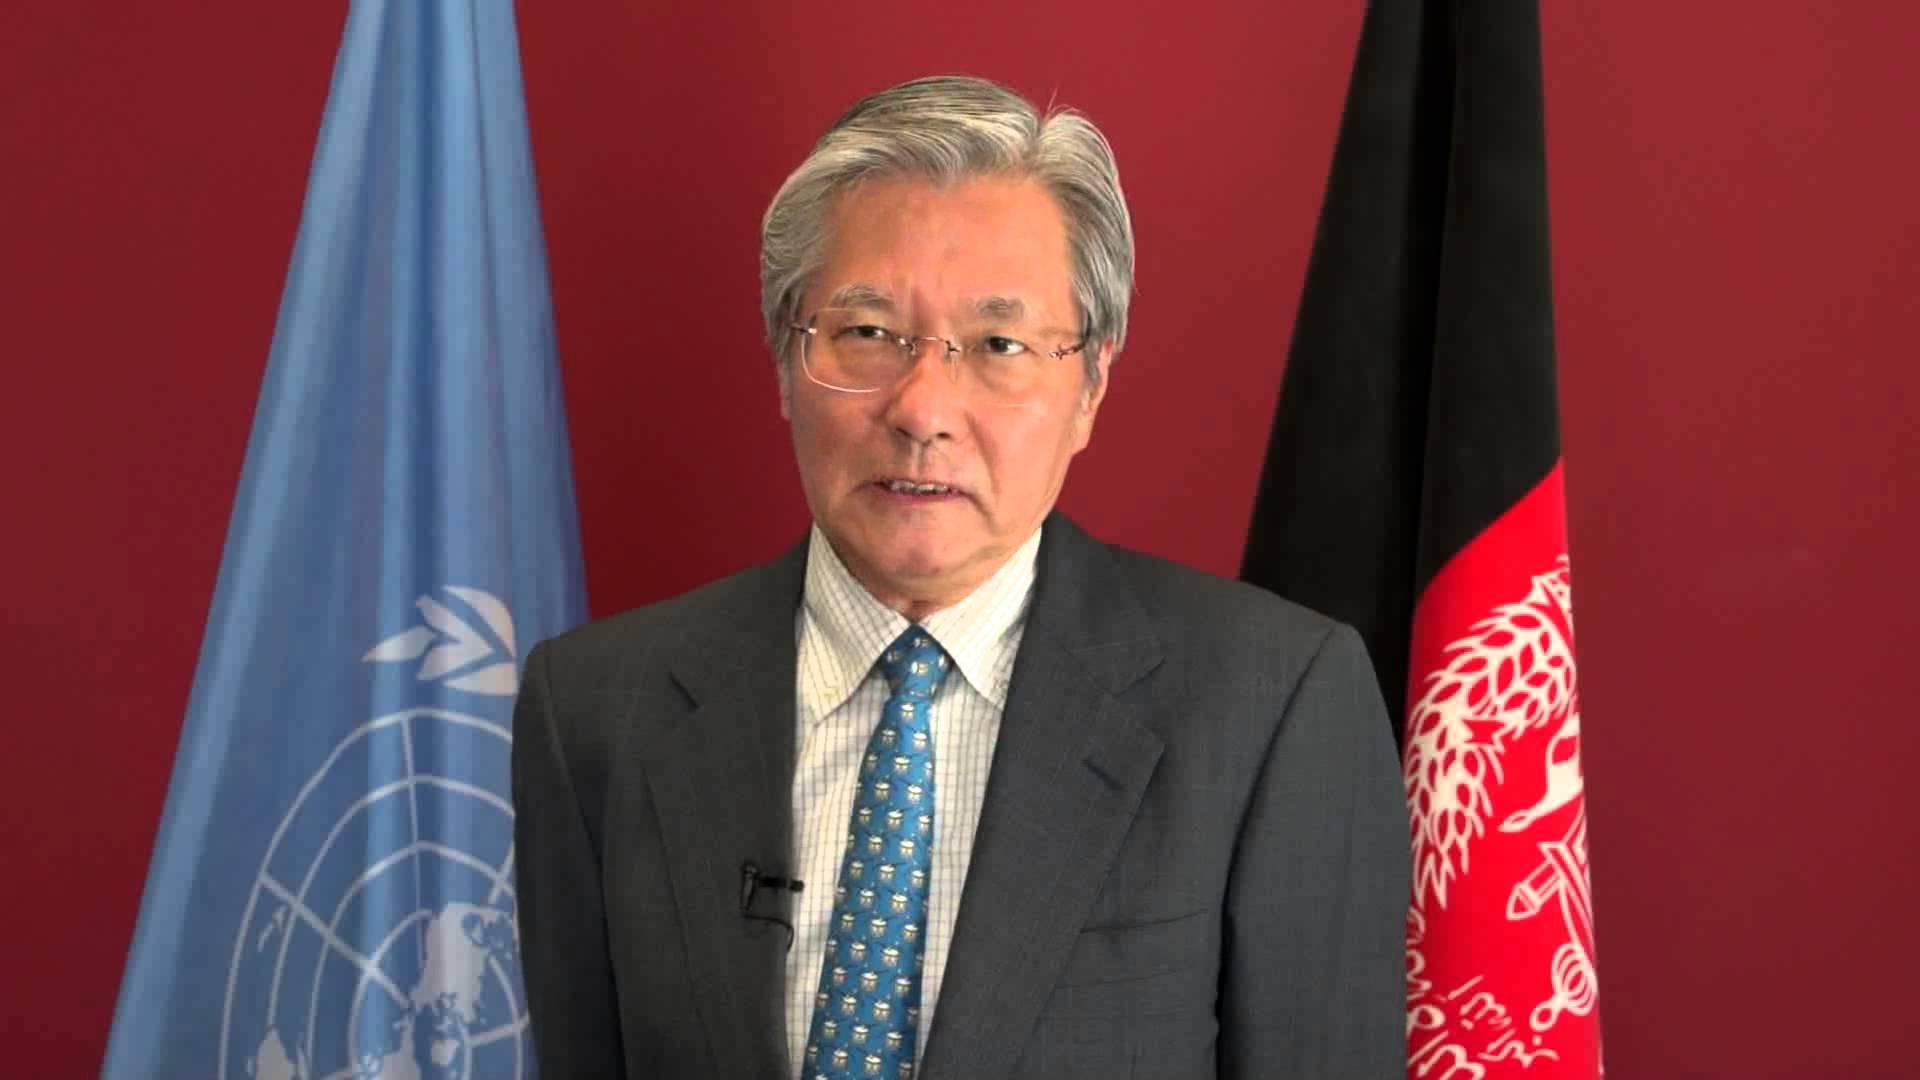 فساد در افغانستان چشم انداز صلح را در معرض خطر قرار می دهد